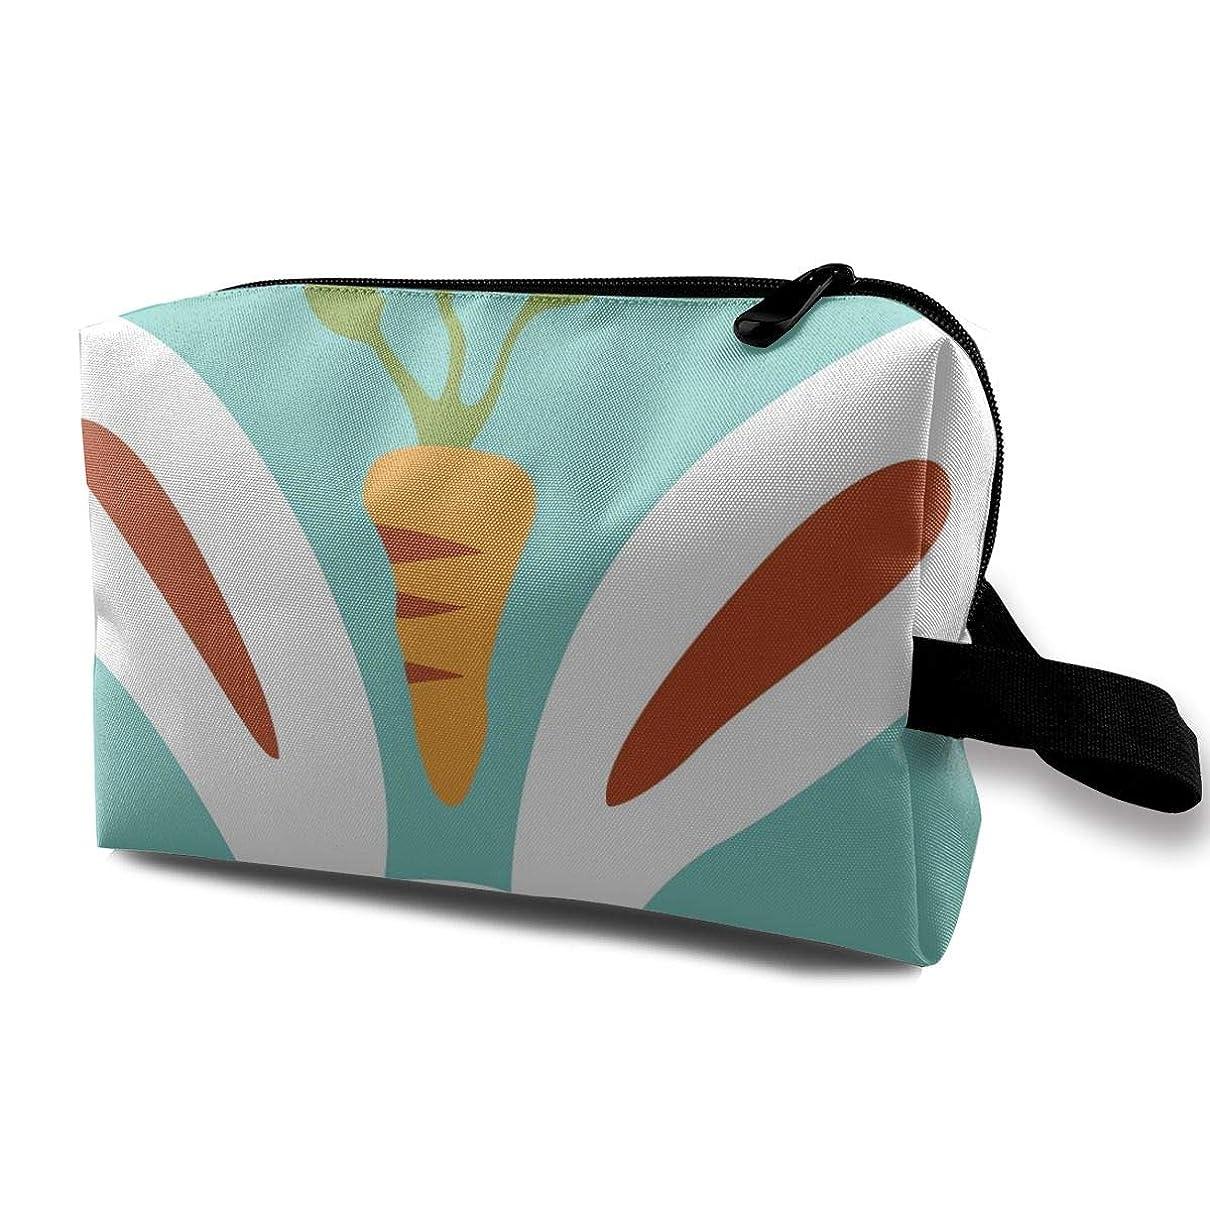 お世話になったスキップ追加するイースターのウサギのニンジン(1) 化粧バッグ 収納袋 女大容量 化粧品クラッチバッグ 収納 軽量 ウィンドジップ